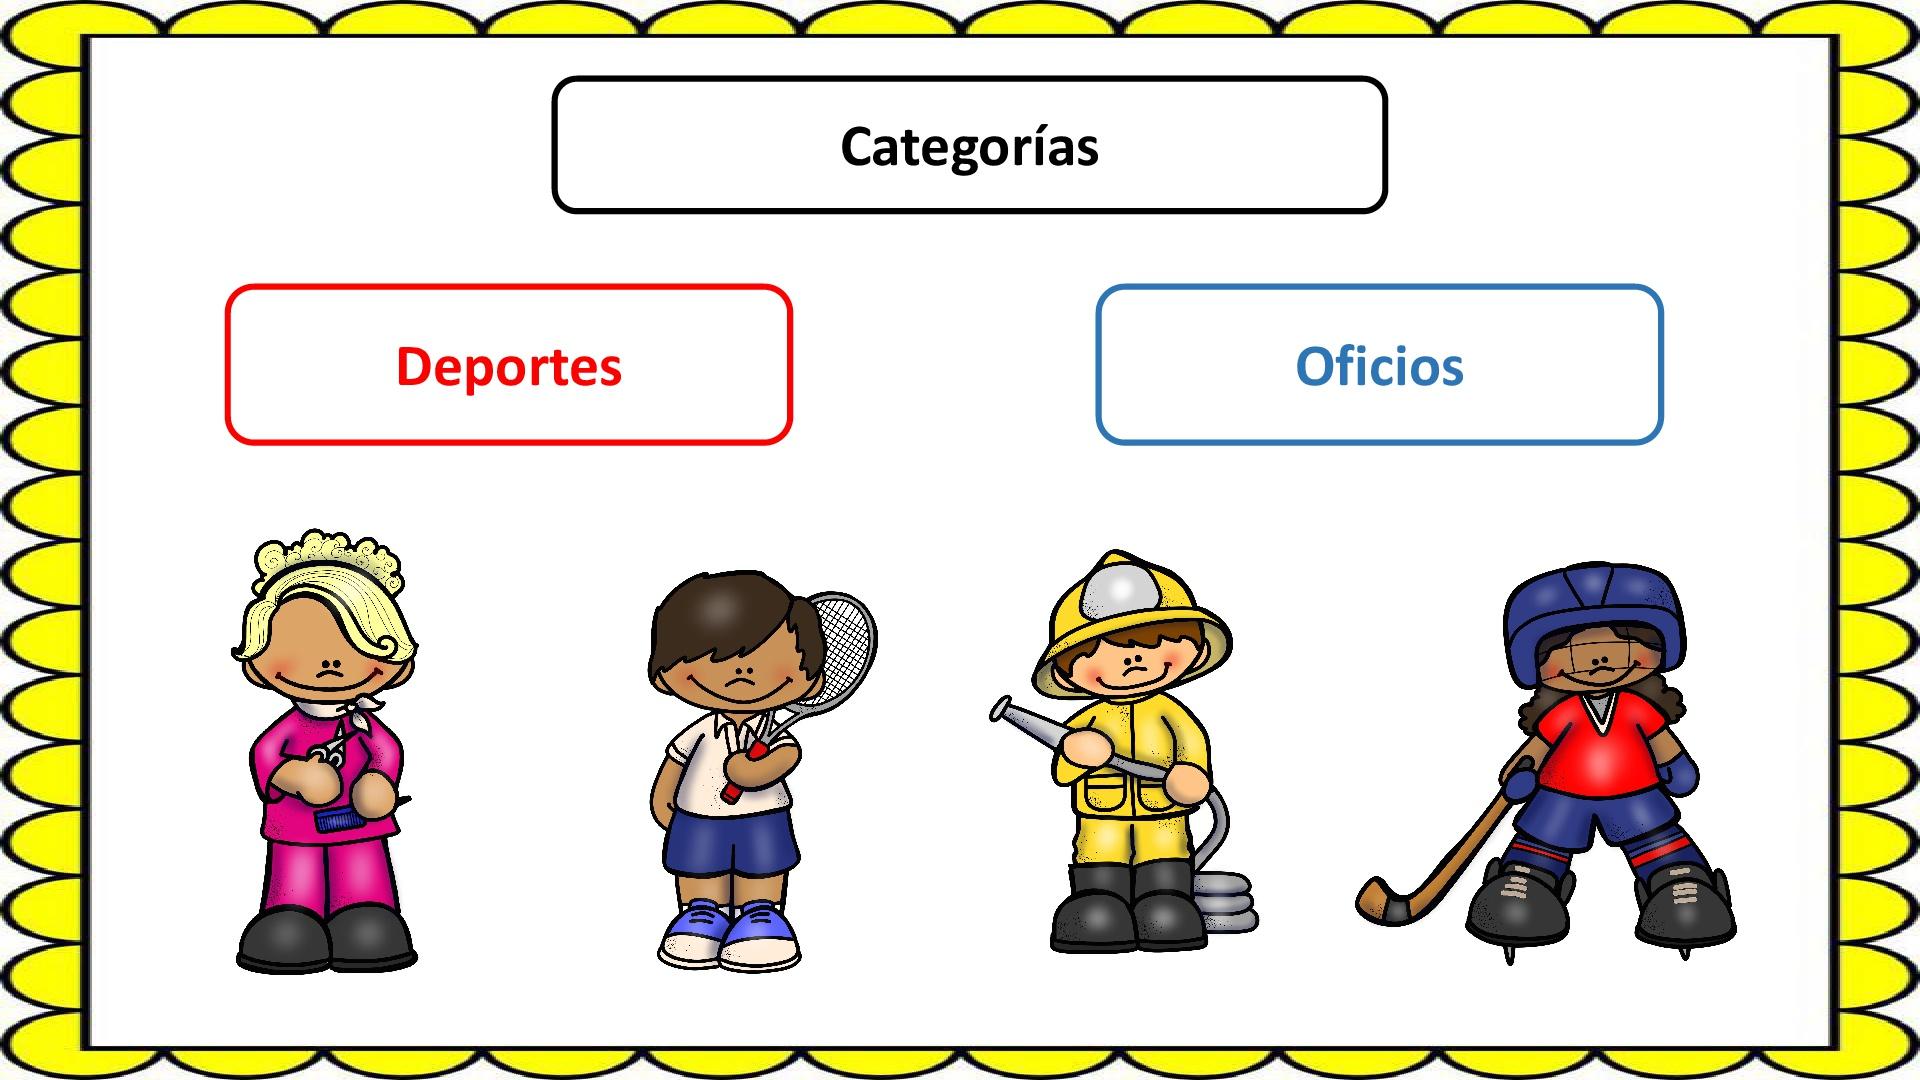 Categorias-semanticas-003 - Orientación Andújar - Recursos Educativos